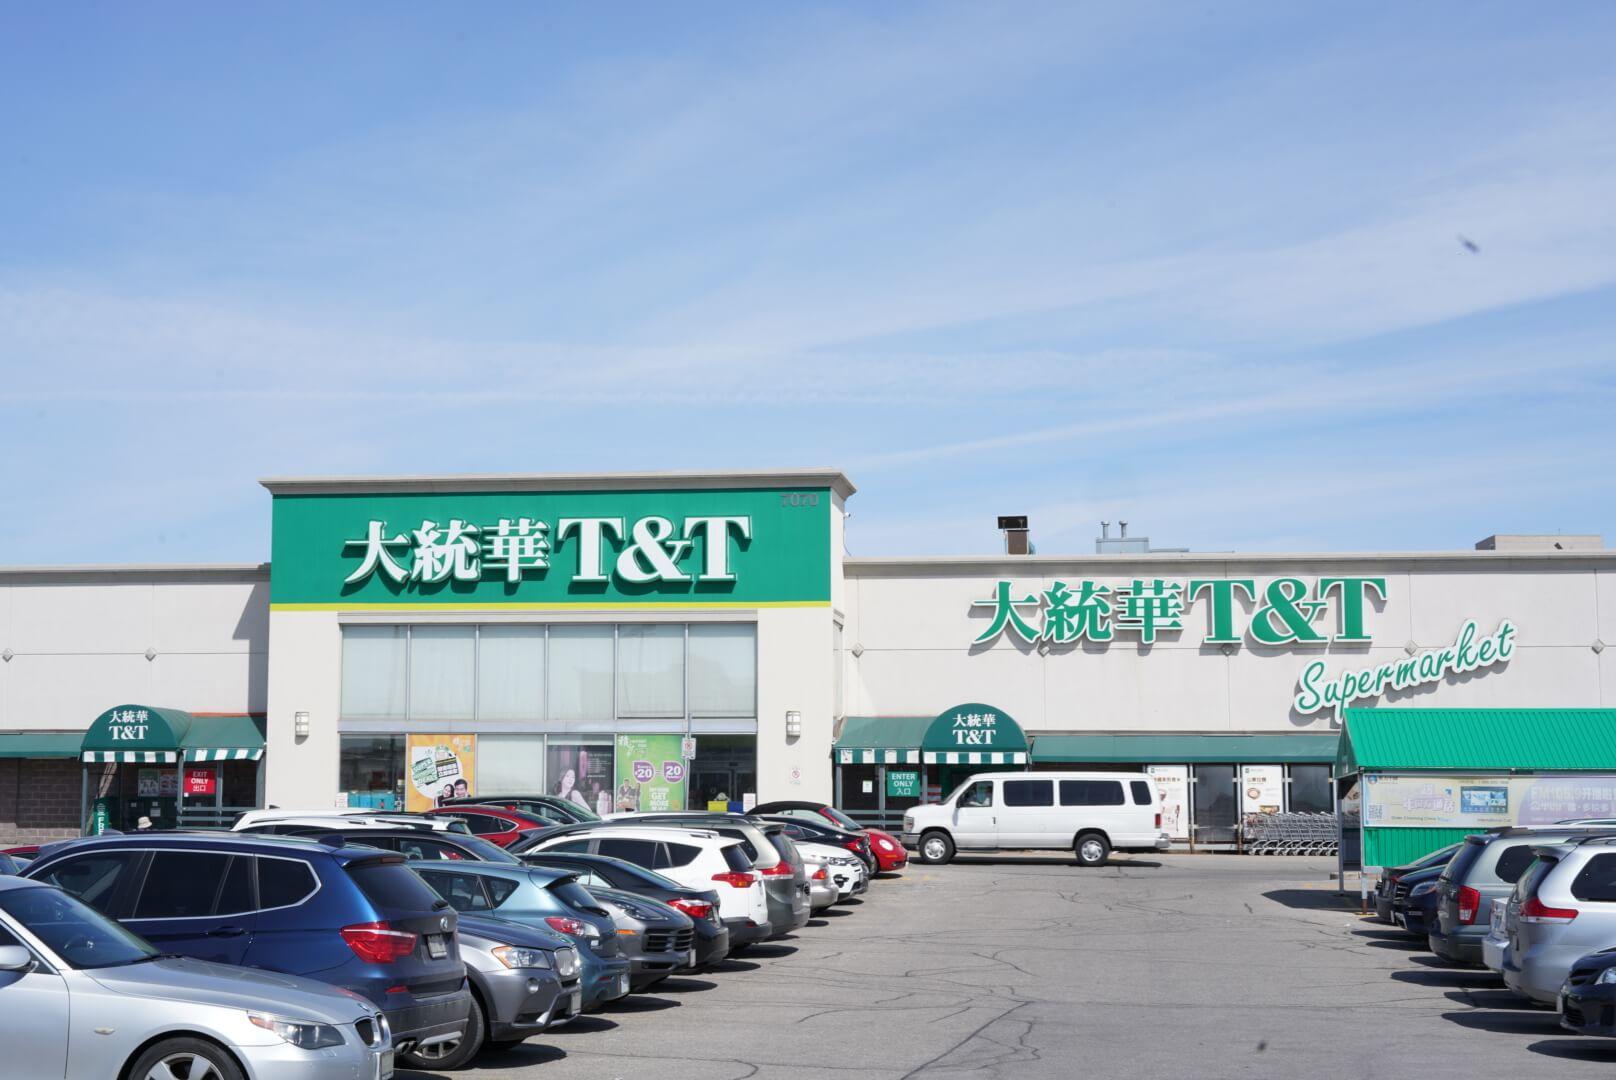 カナダのアジア系スーパー「T&T」の外観